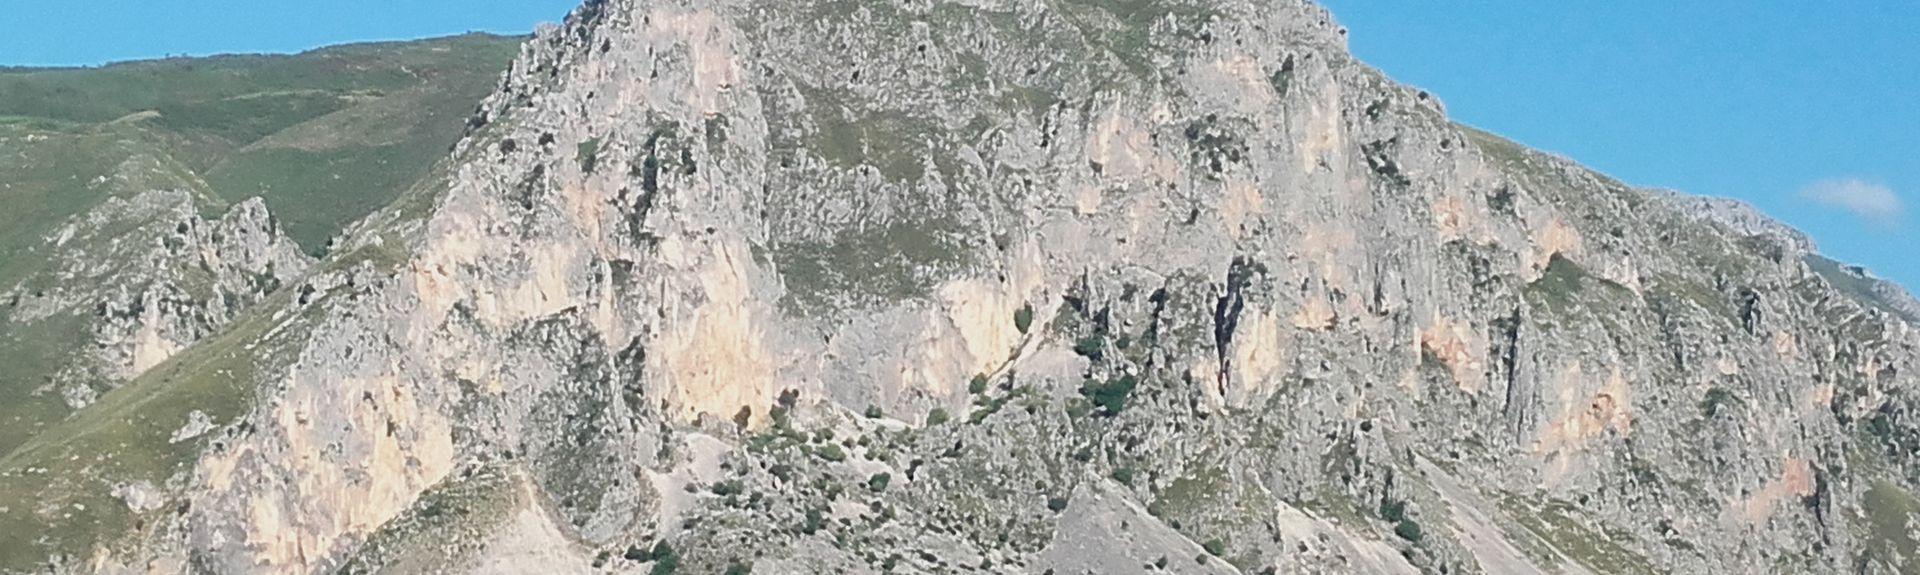 Capo d'Orlando, Sicilië, Italië